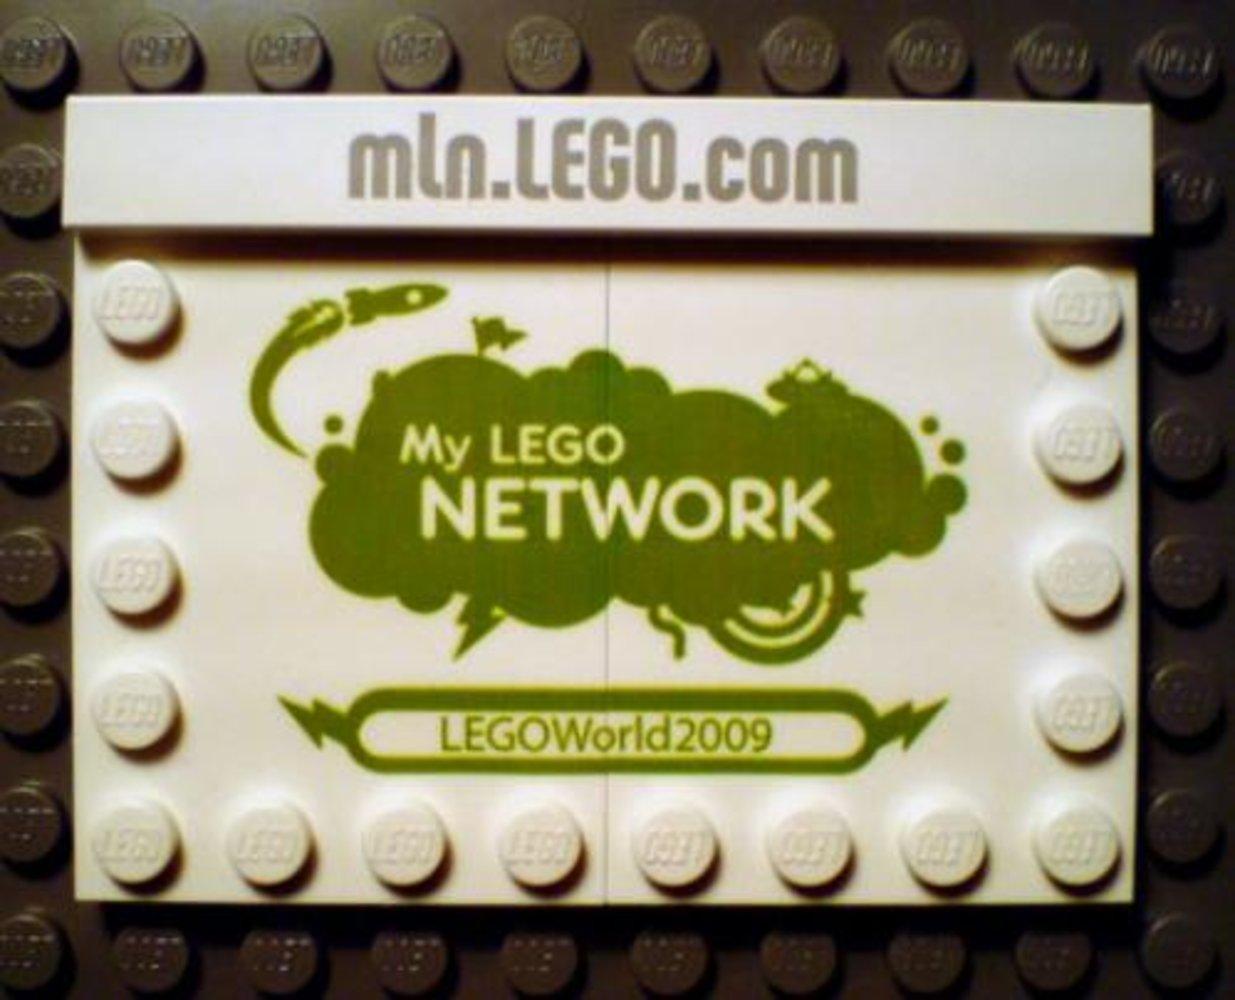 My Lego Network Promo LEGO World 2009